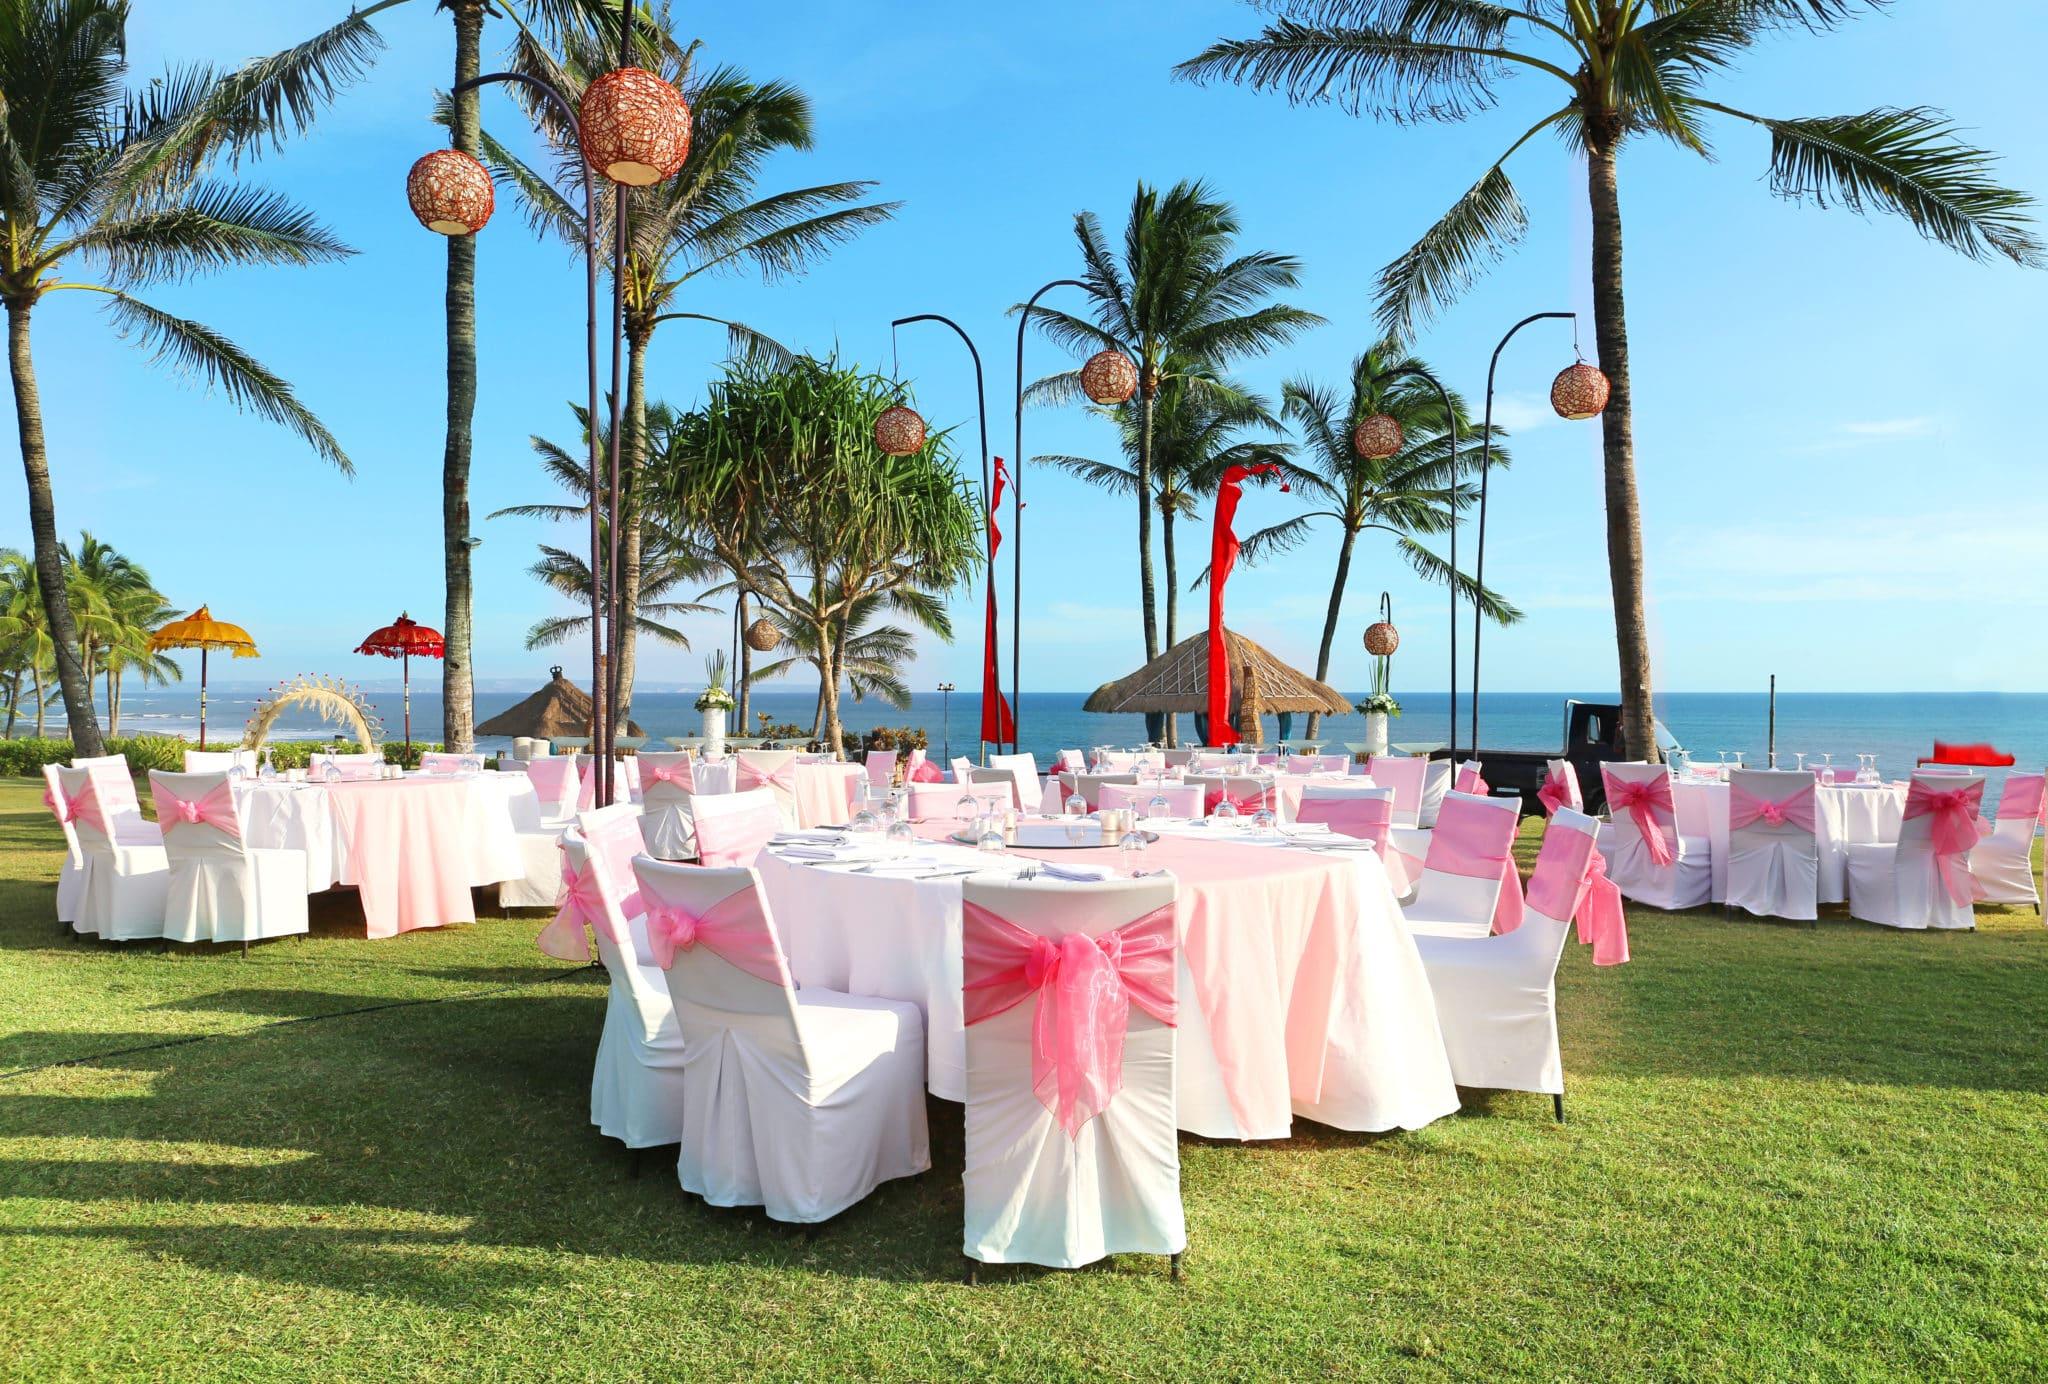 エレガントな結婚式のセッティング | 国際結婚フィリピン ラブバード